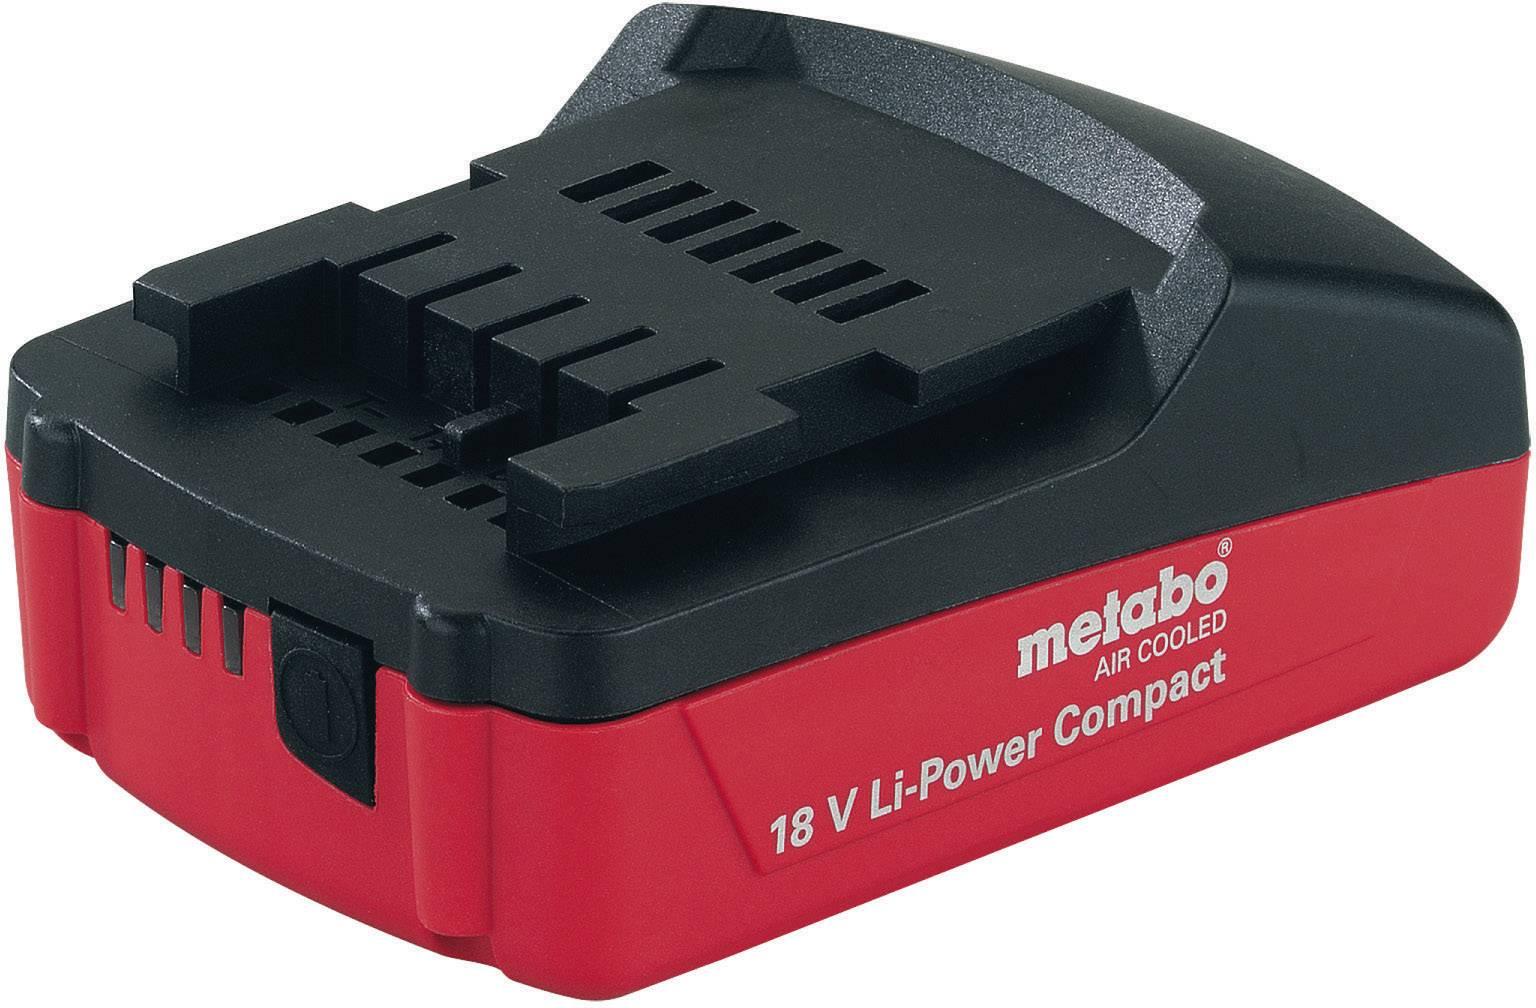 Akumulátor Metabo Li-Power Compact 18 V, 1.5 Ah, 625499000